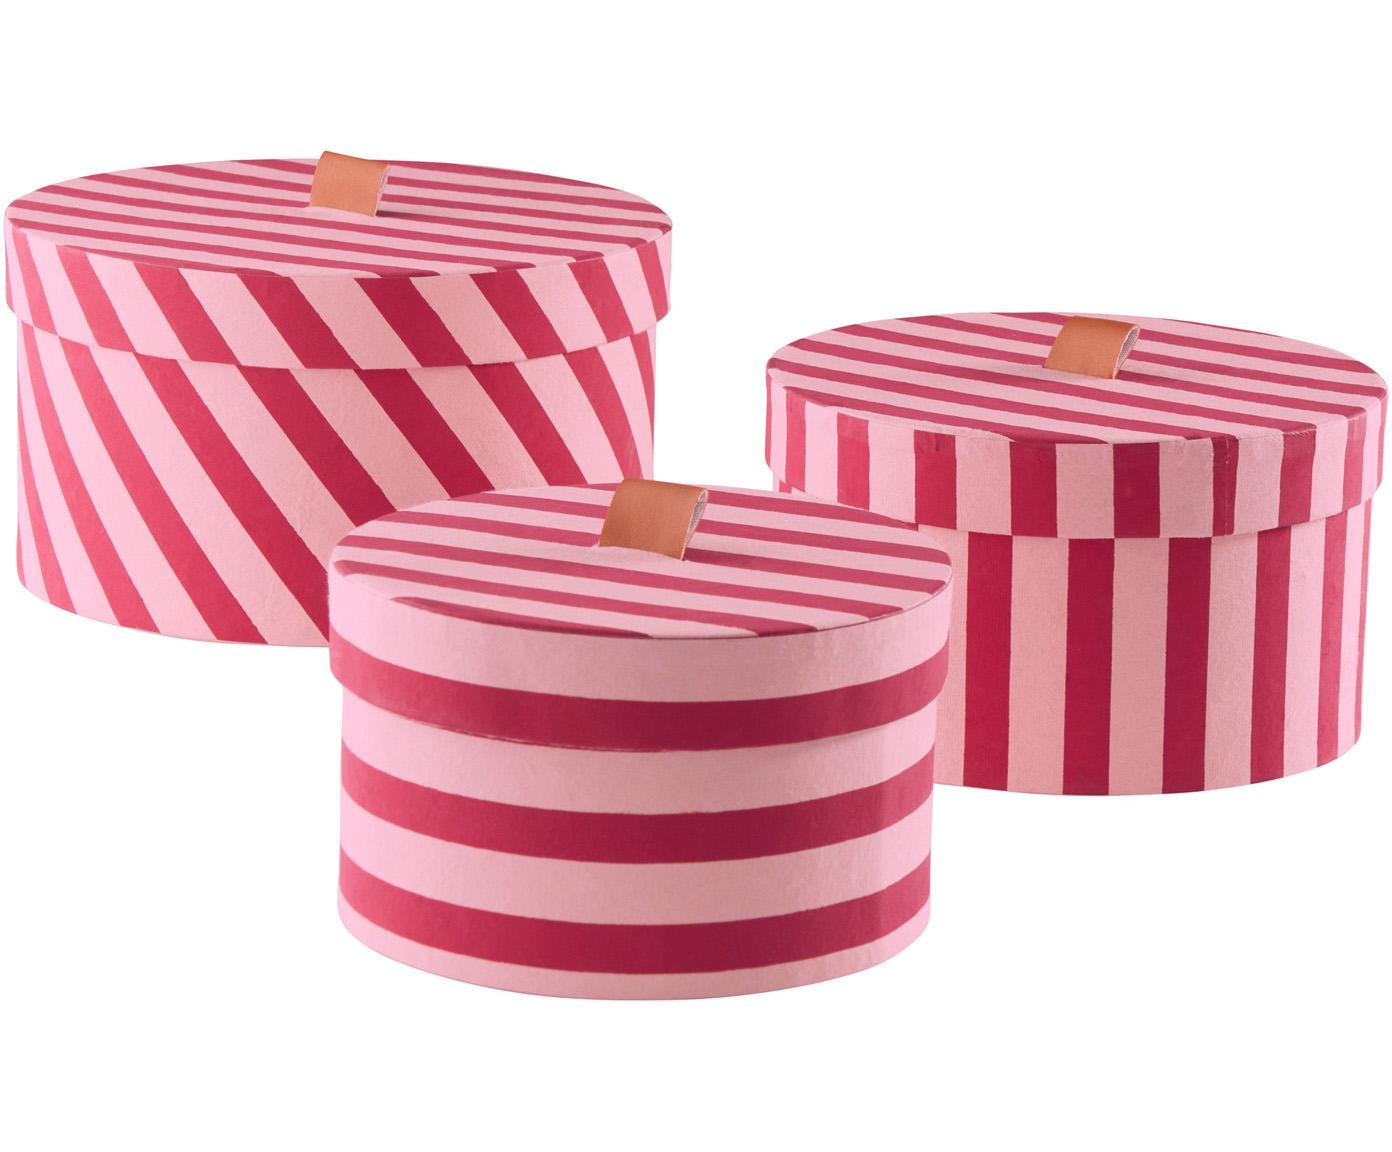 Set 3 scatole Dizzy, Cartone, Rosa, Diverse dimensioni